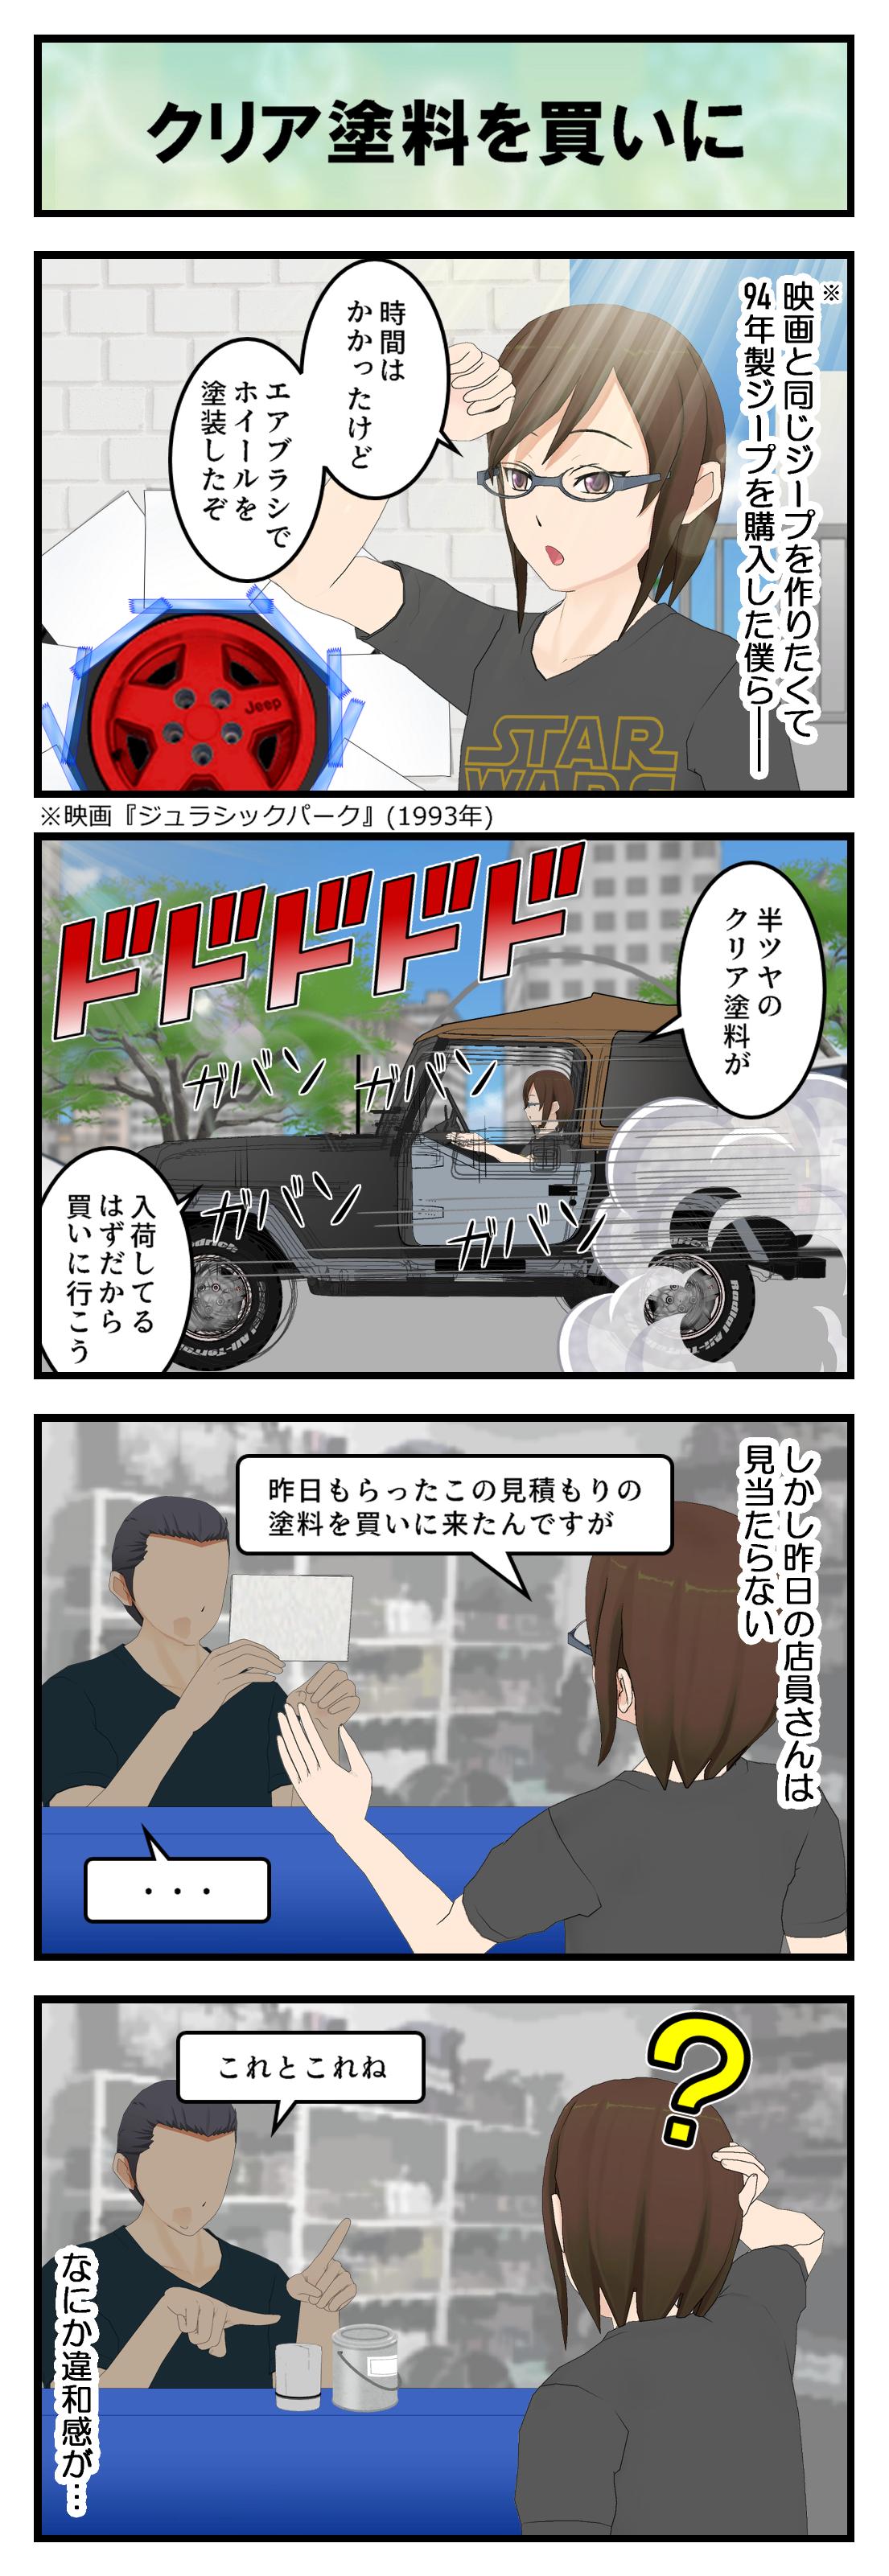 R851_タイヤ塗装9_001